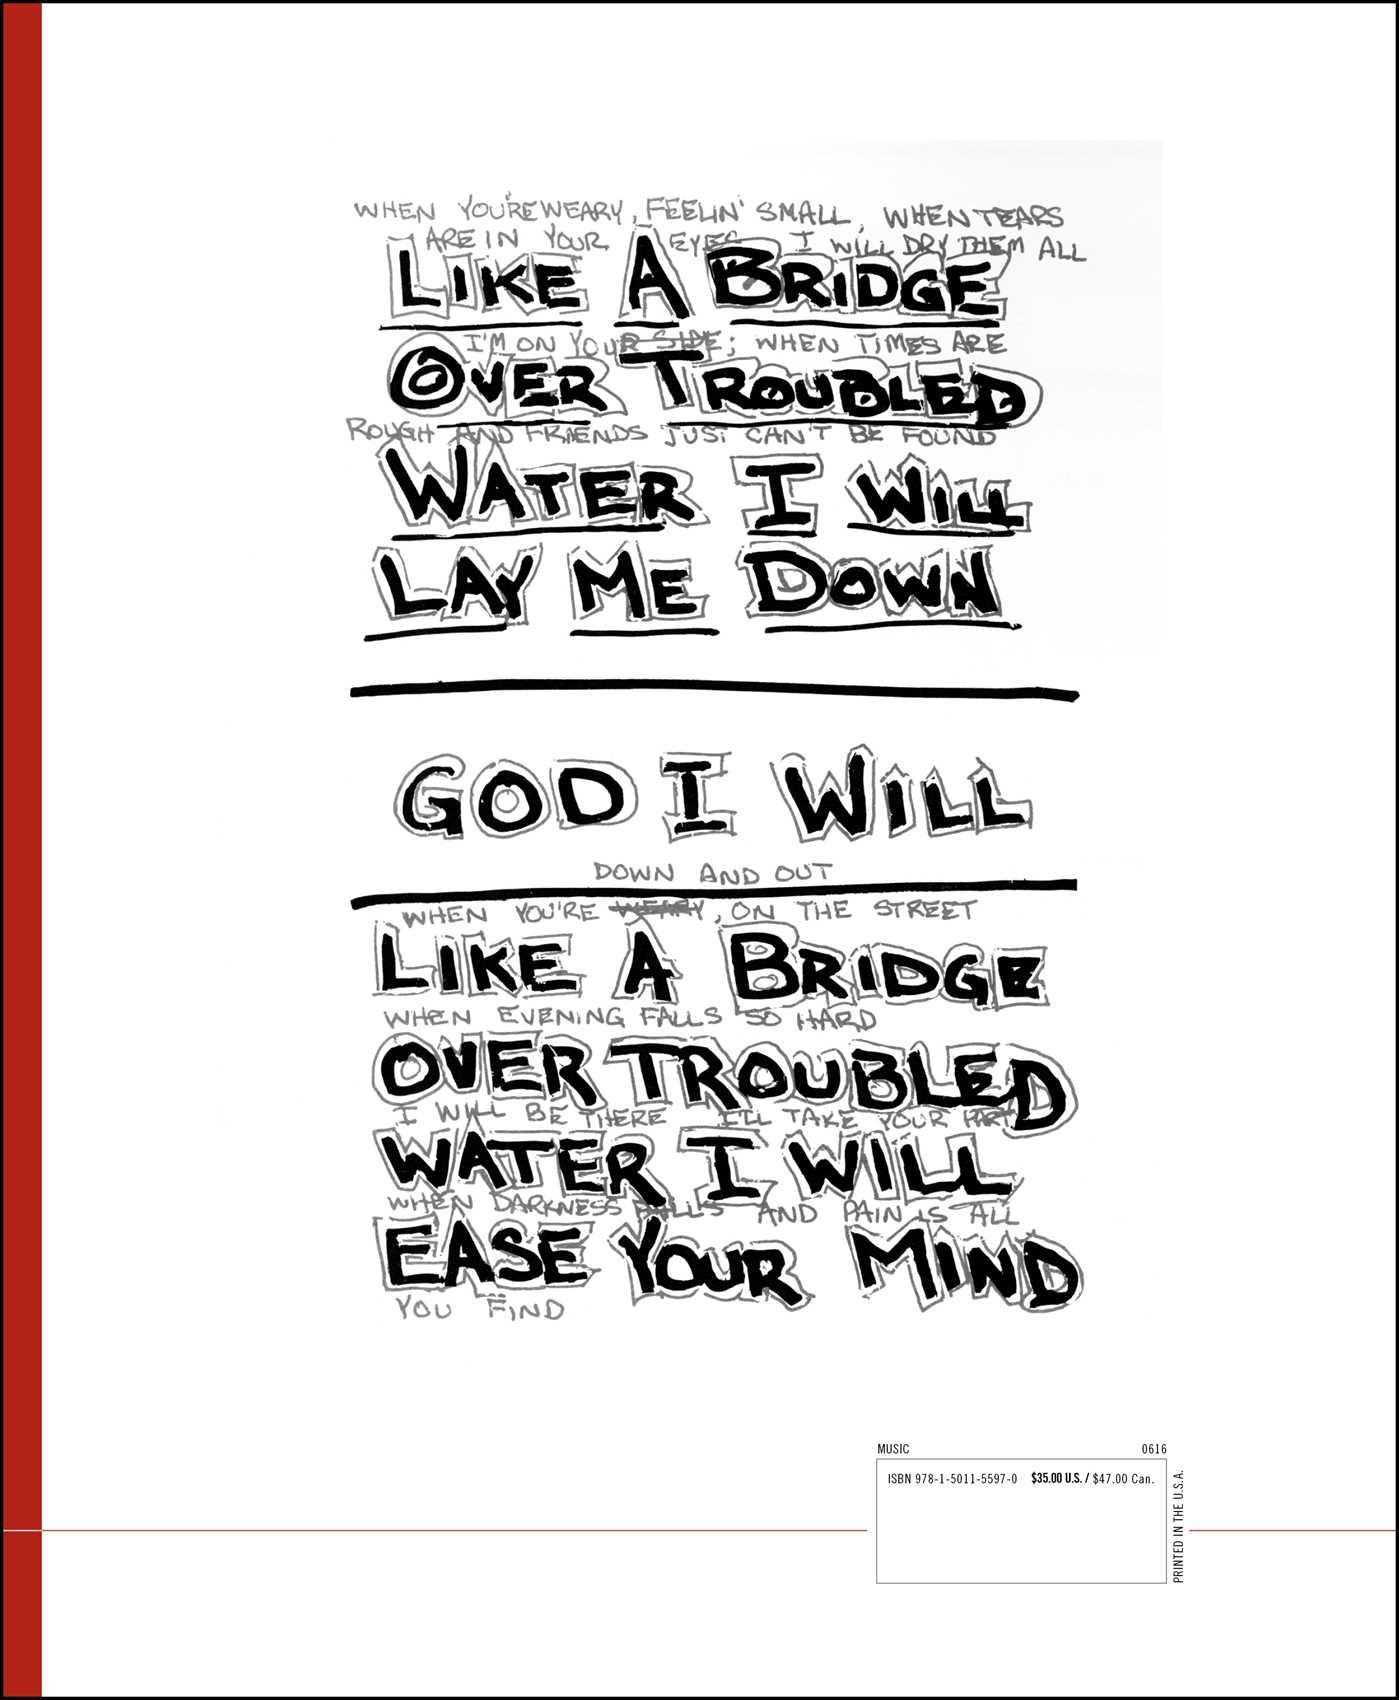 Lyrics 1964 2016 9781501155970 hr back